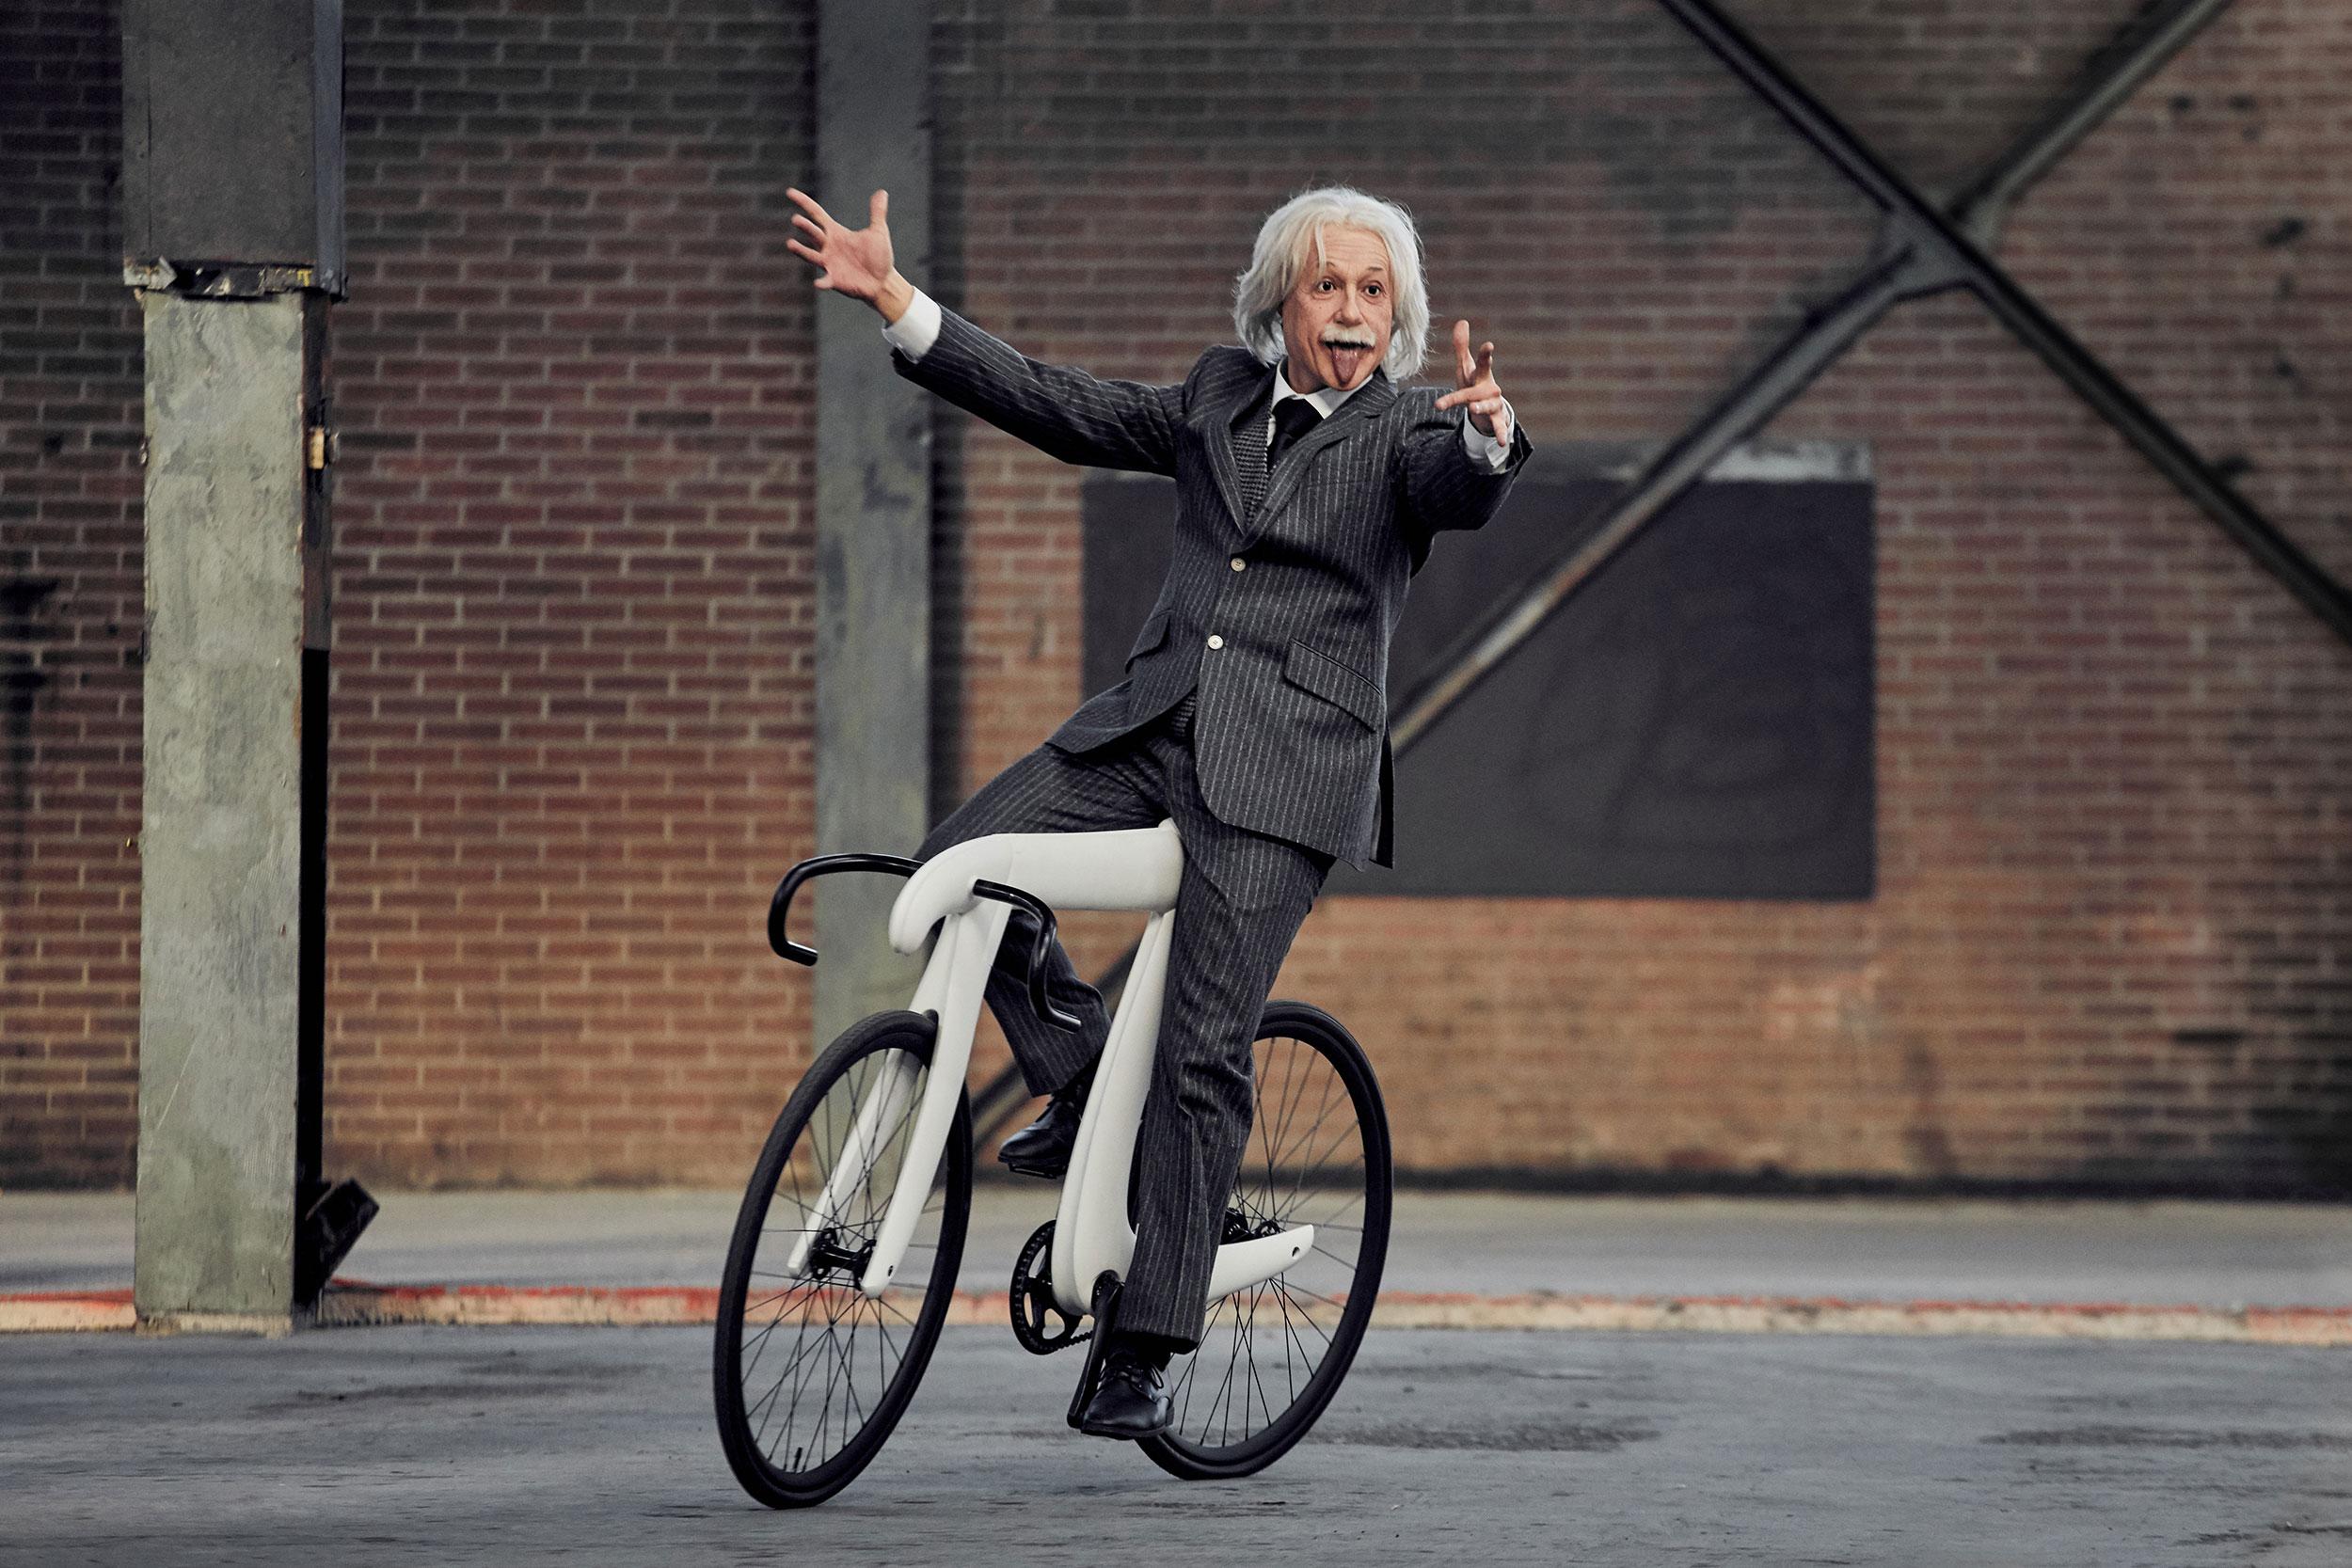 The+Pi+Bike-6.jpg